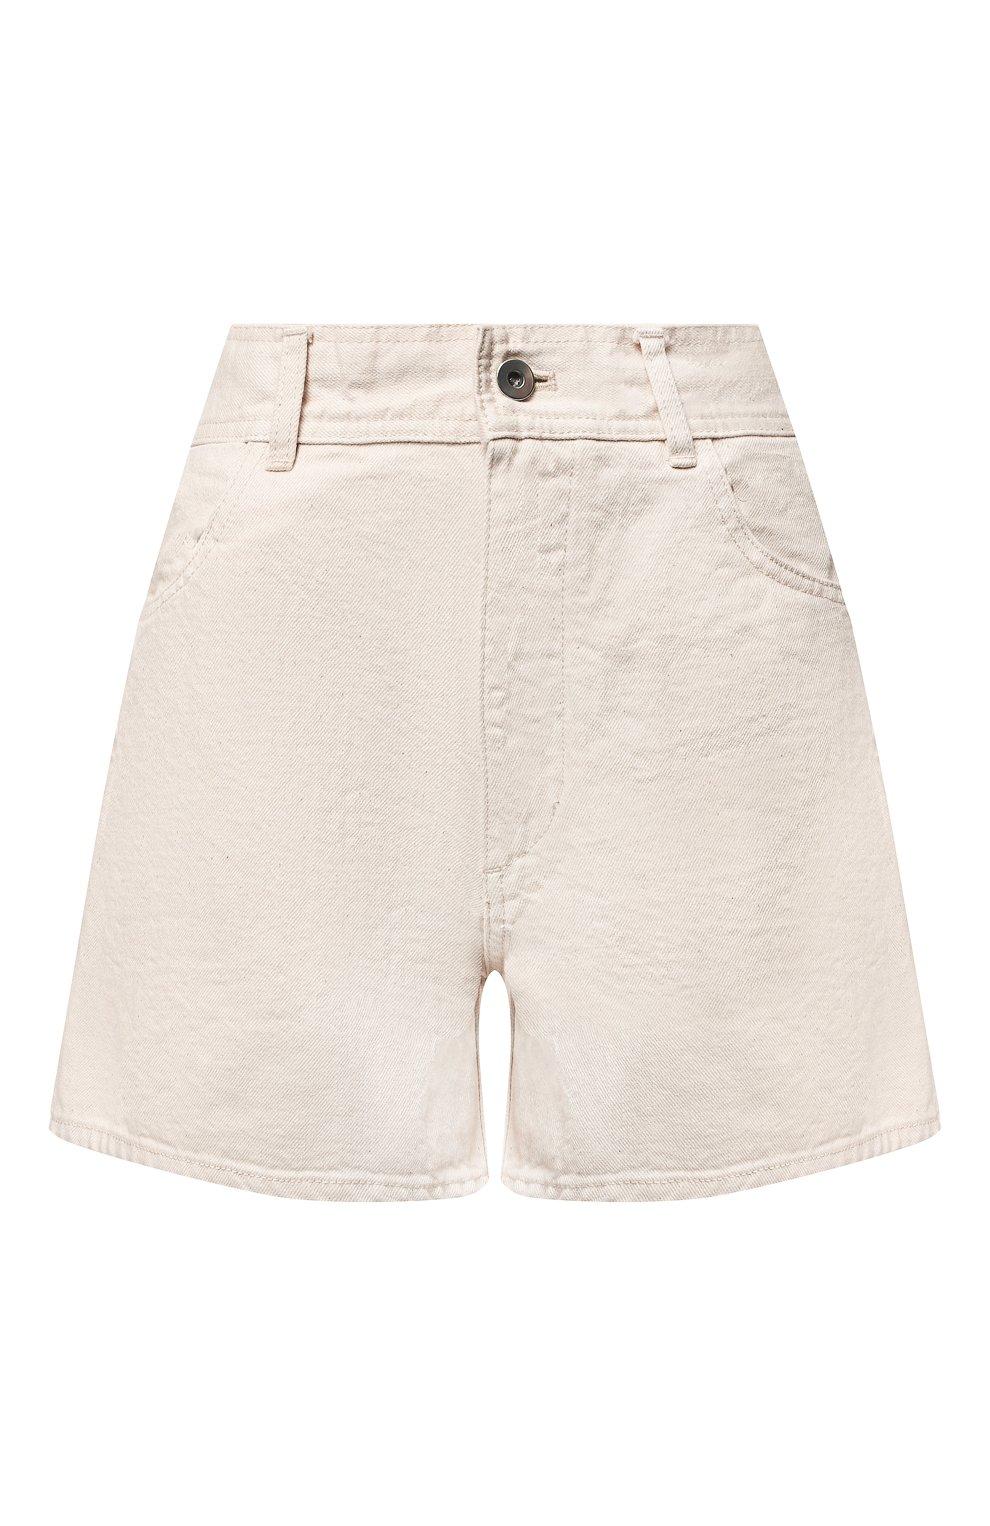 Женские джинсовые шорты JIL SANDER светло-бежевого цвета, арт. JPPS663122-WS246500   Фото 1 (Женское Кросс-КТ: Шорты-одежда; Кросс-КТ: Деним; Длина Ж (юбки, платья, шорты): Мини; Стили: Гранж; Материал внешний: Хлопок)